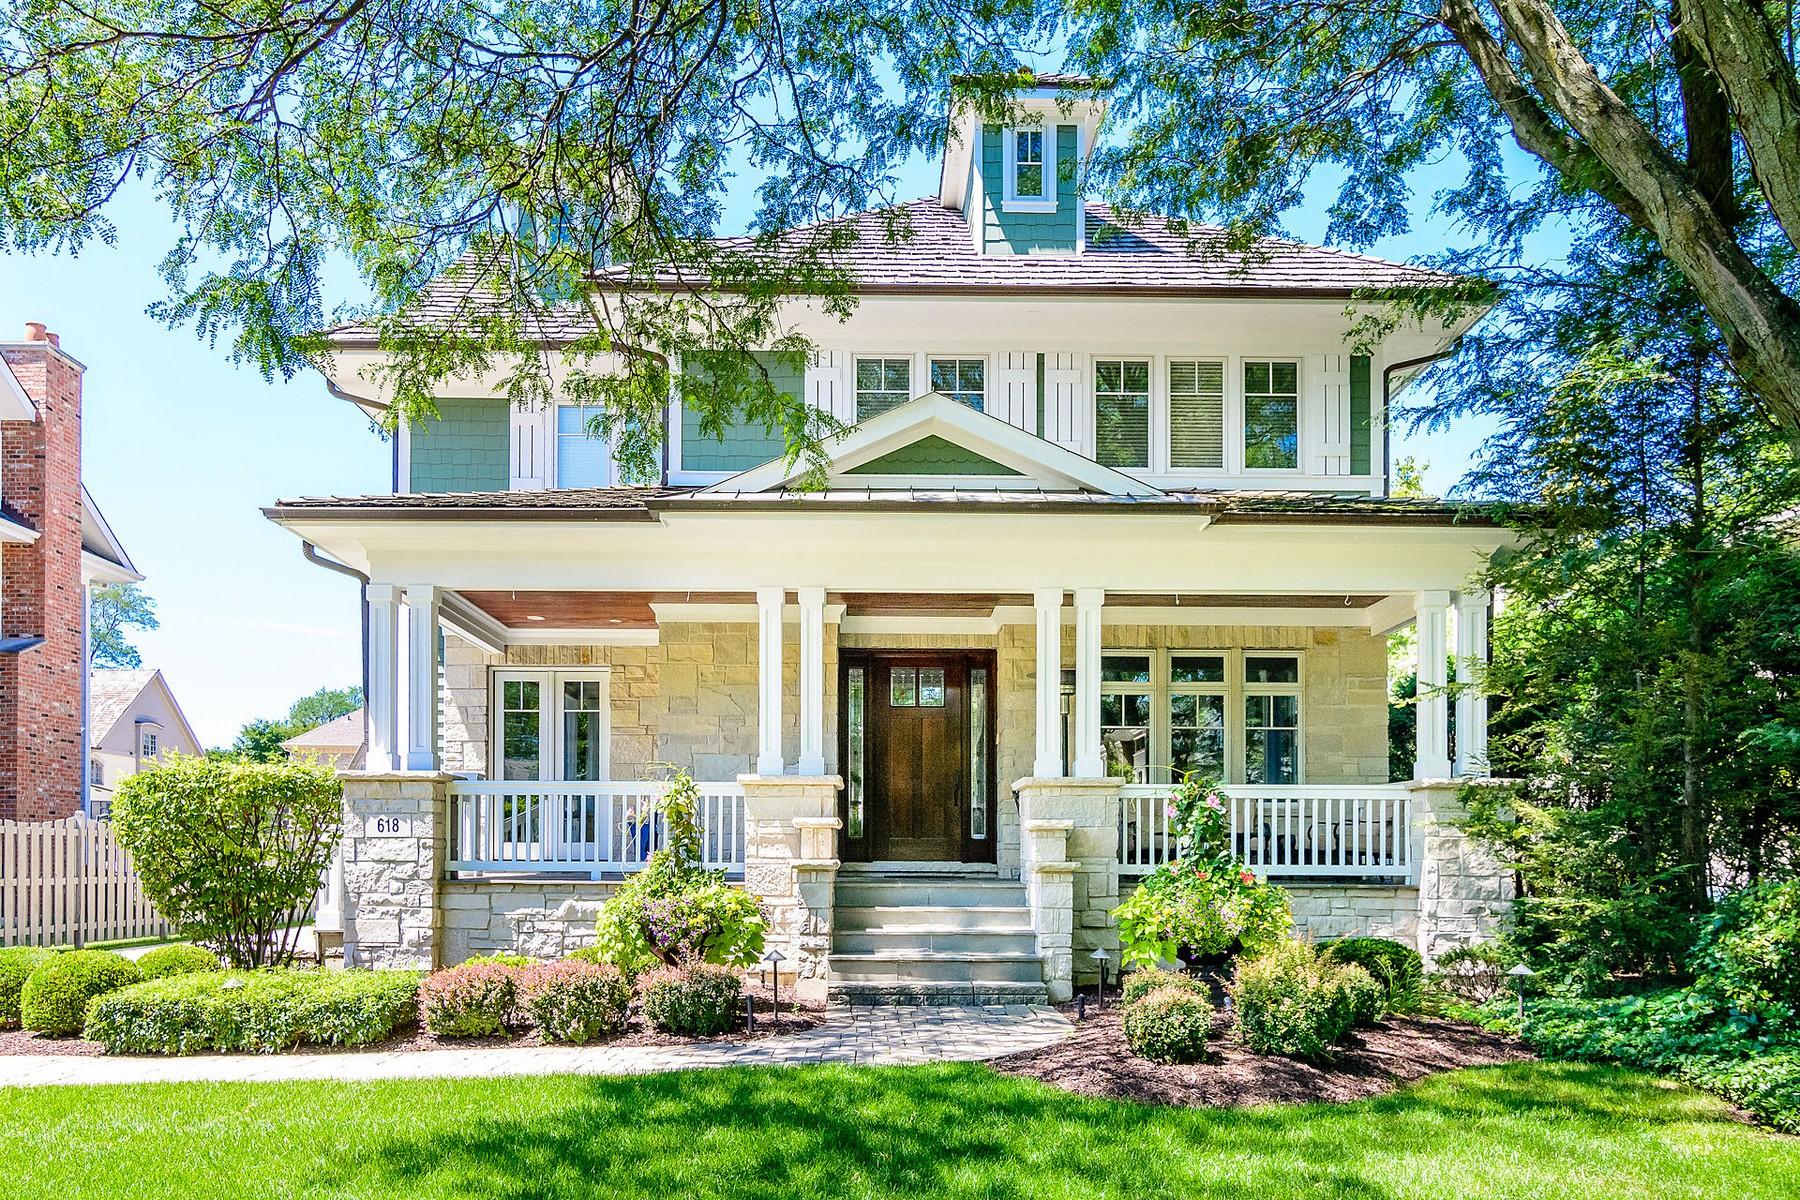 獨棟家庭住宅 為 出售 在 618 Jefferson, Hinsdale 618 Jefferson Street Hinsdale, 伊利諾斯州, 60521 美國